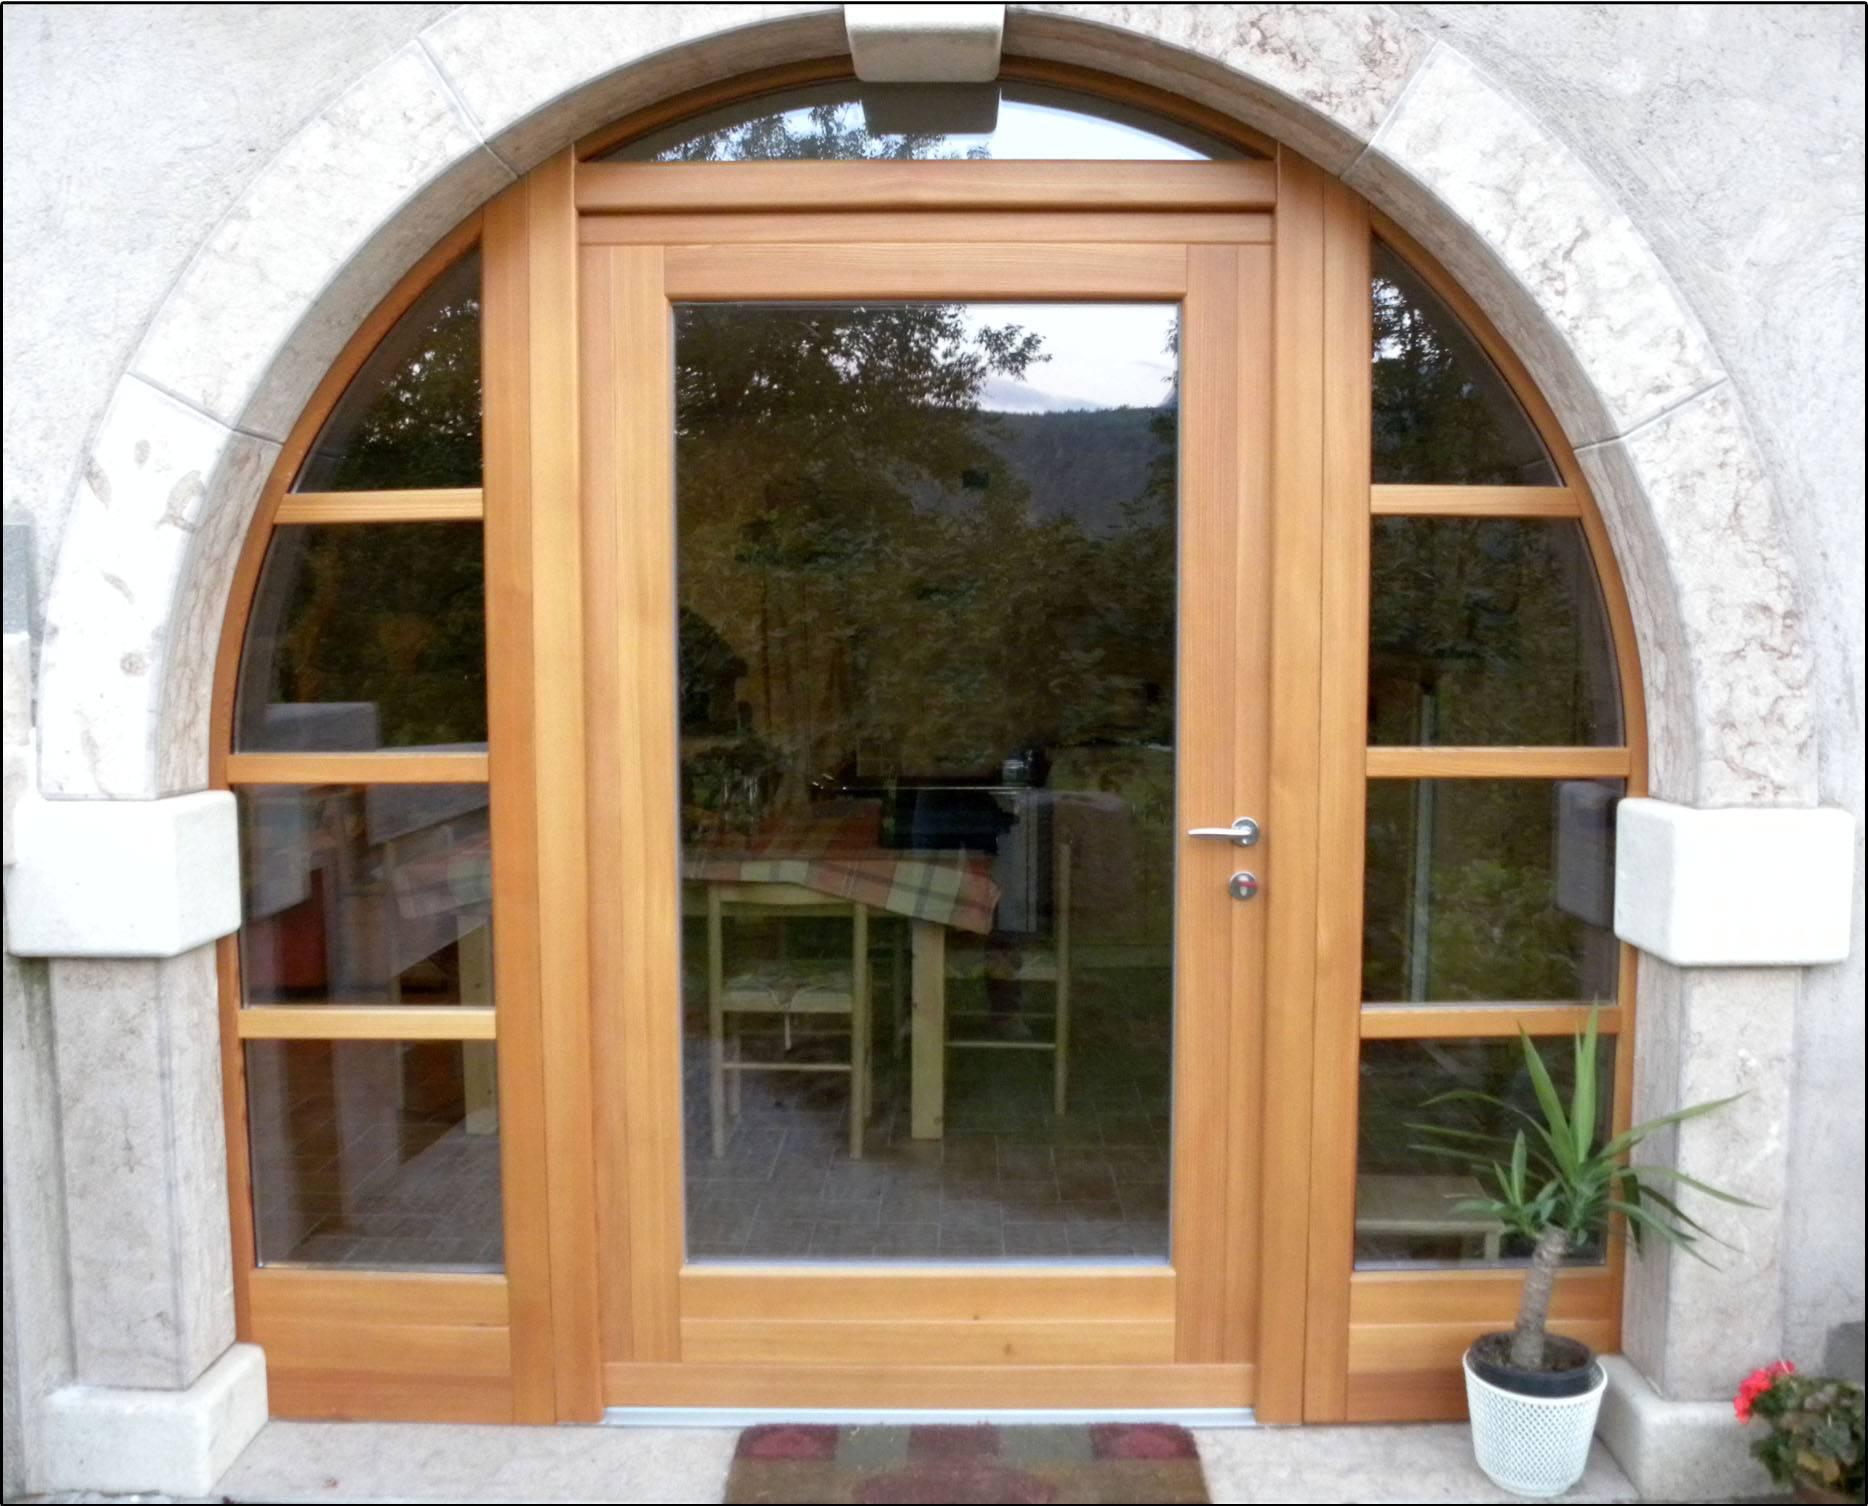 Serramenti e mobili s n c di pojer giorgio e c portale - Aprire finestra muro esterno ...